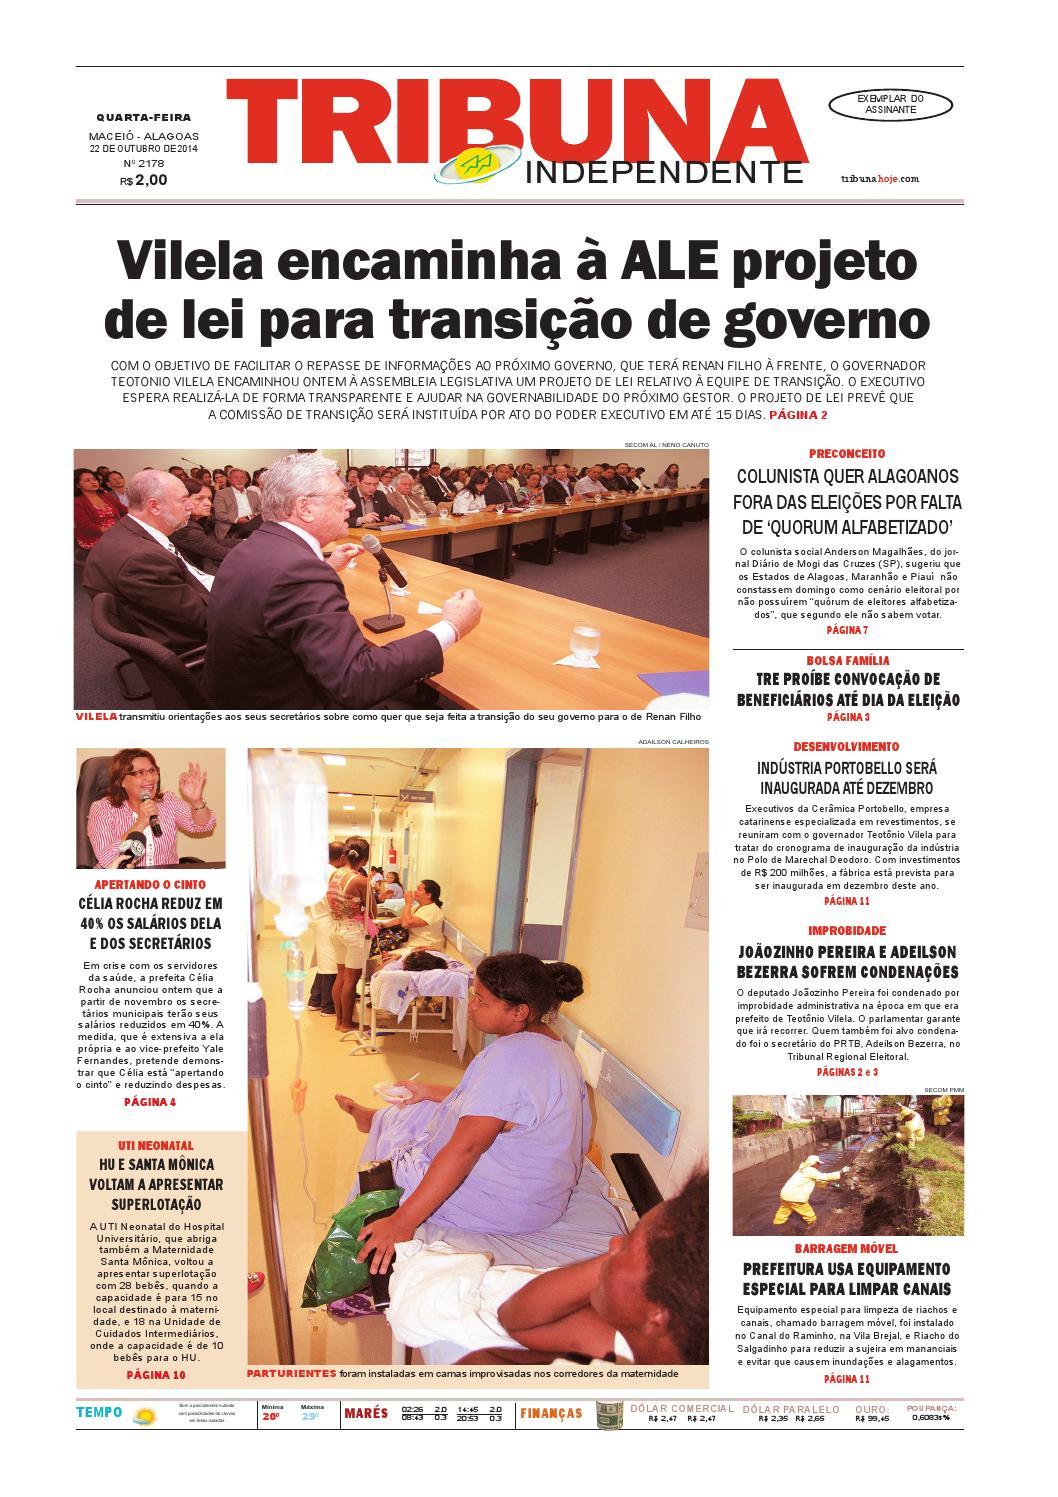 ec96bd2ced7 Edição número 2178 - 22 de outubro de 2014 by Tribuna Hoje - issuu